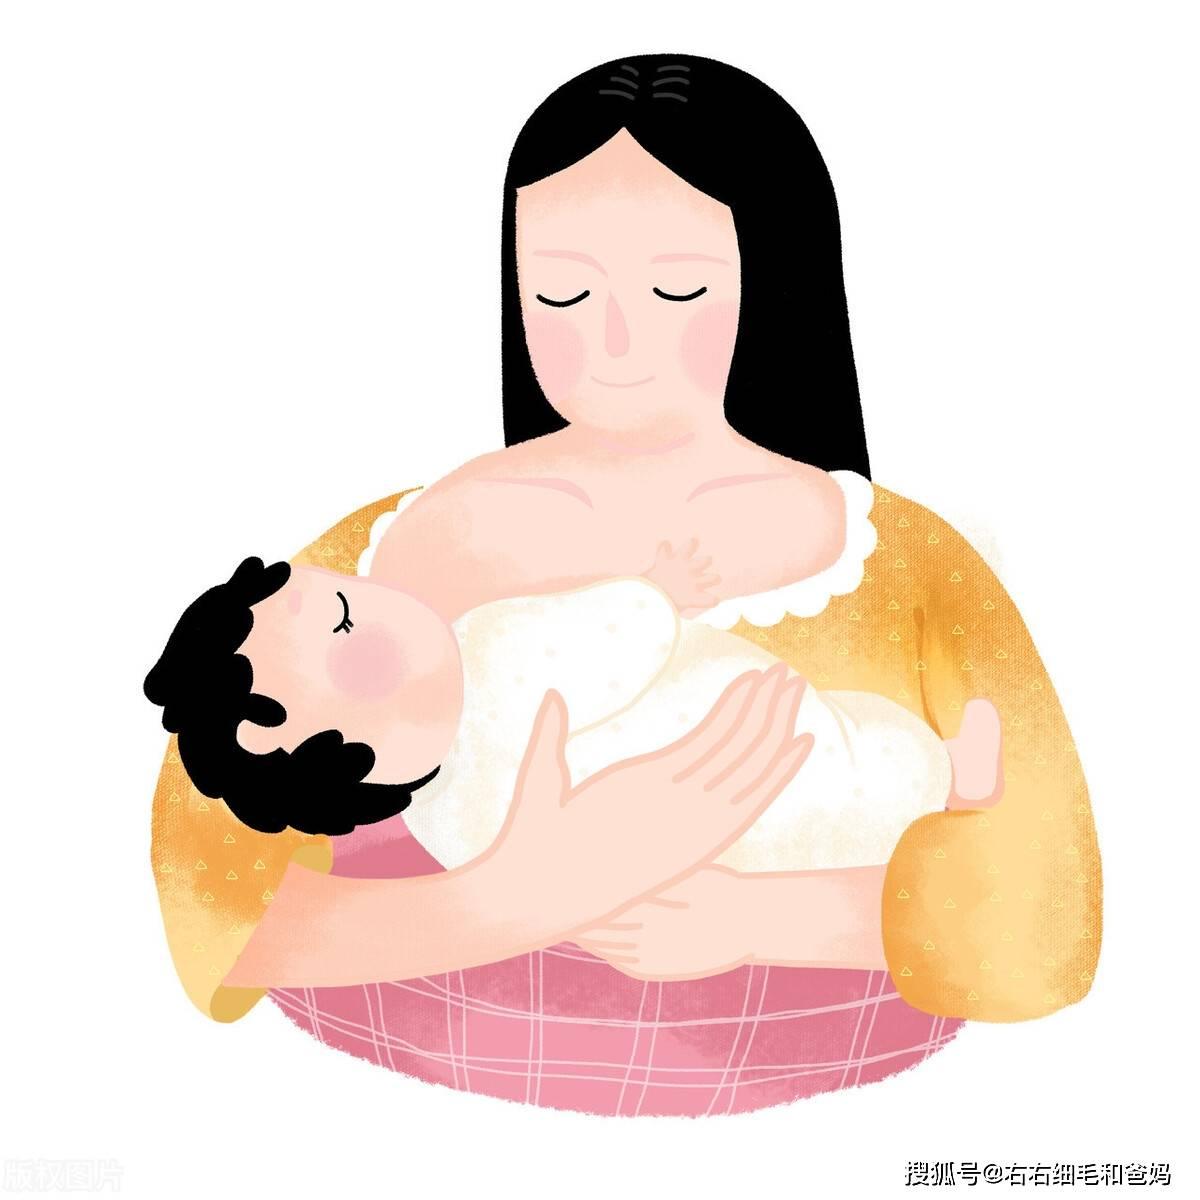 母乳喂养14个月的双胞胎妈妈,却胖过了孕期,产后瘦身讲方法